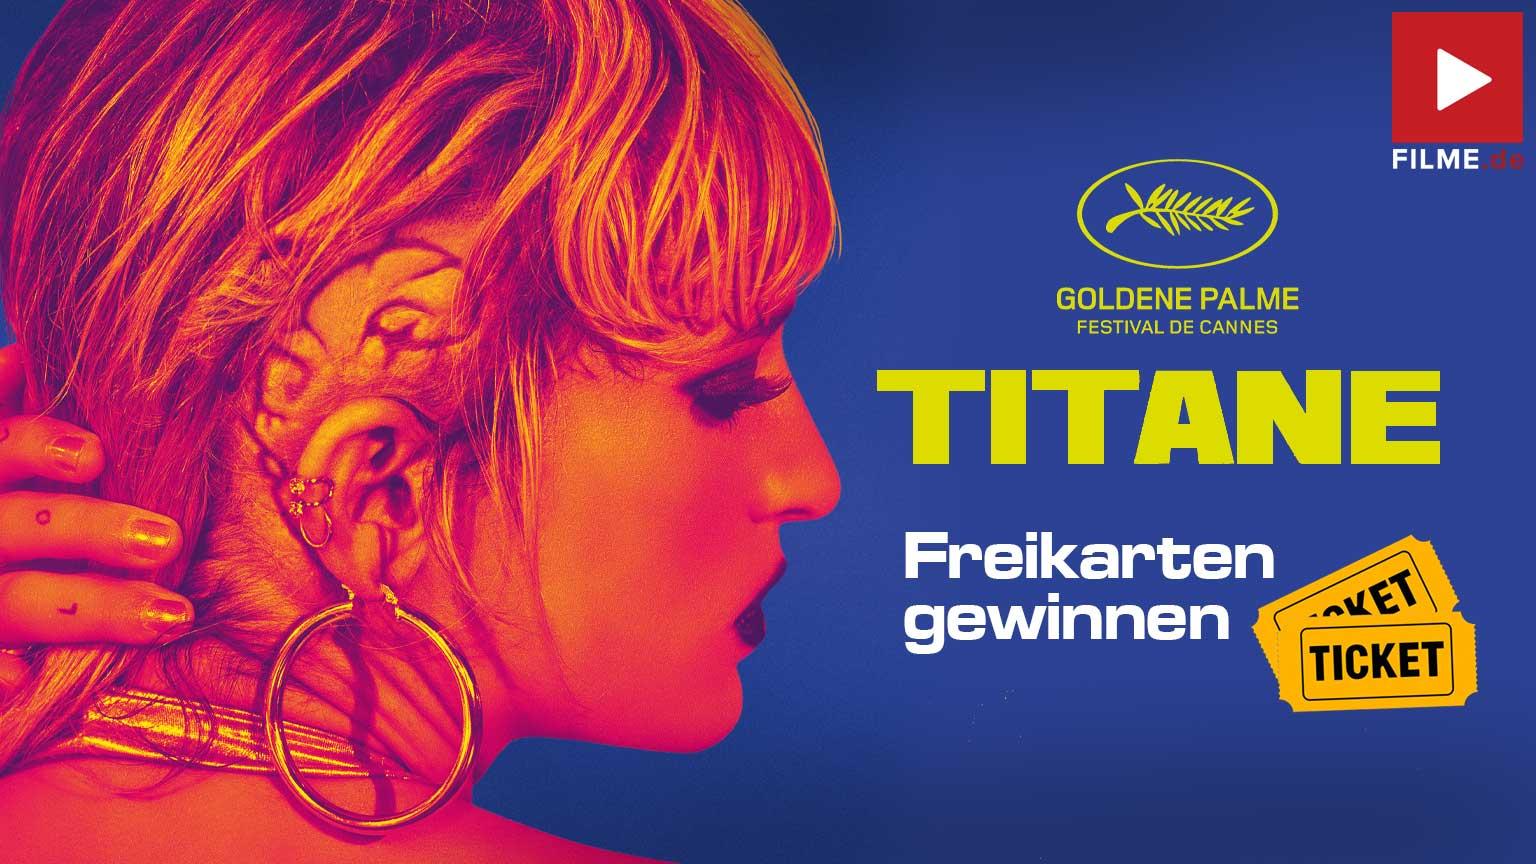 TITANE Film 2021 Kino strat Tickets Gewinnspiel gewinnen Artikelbild